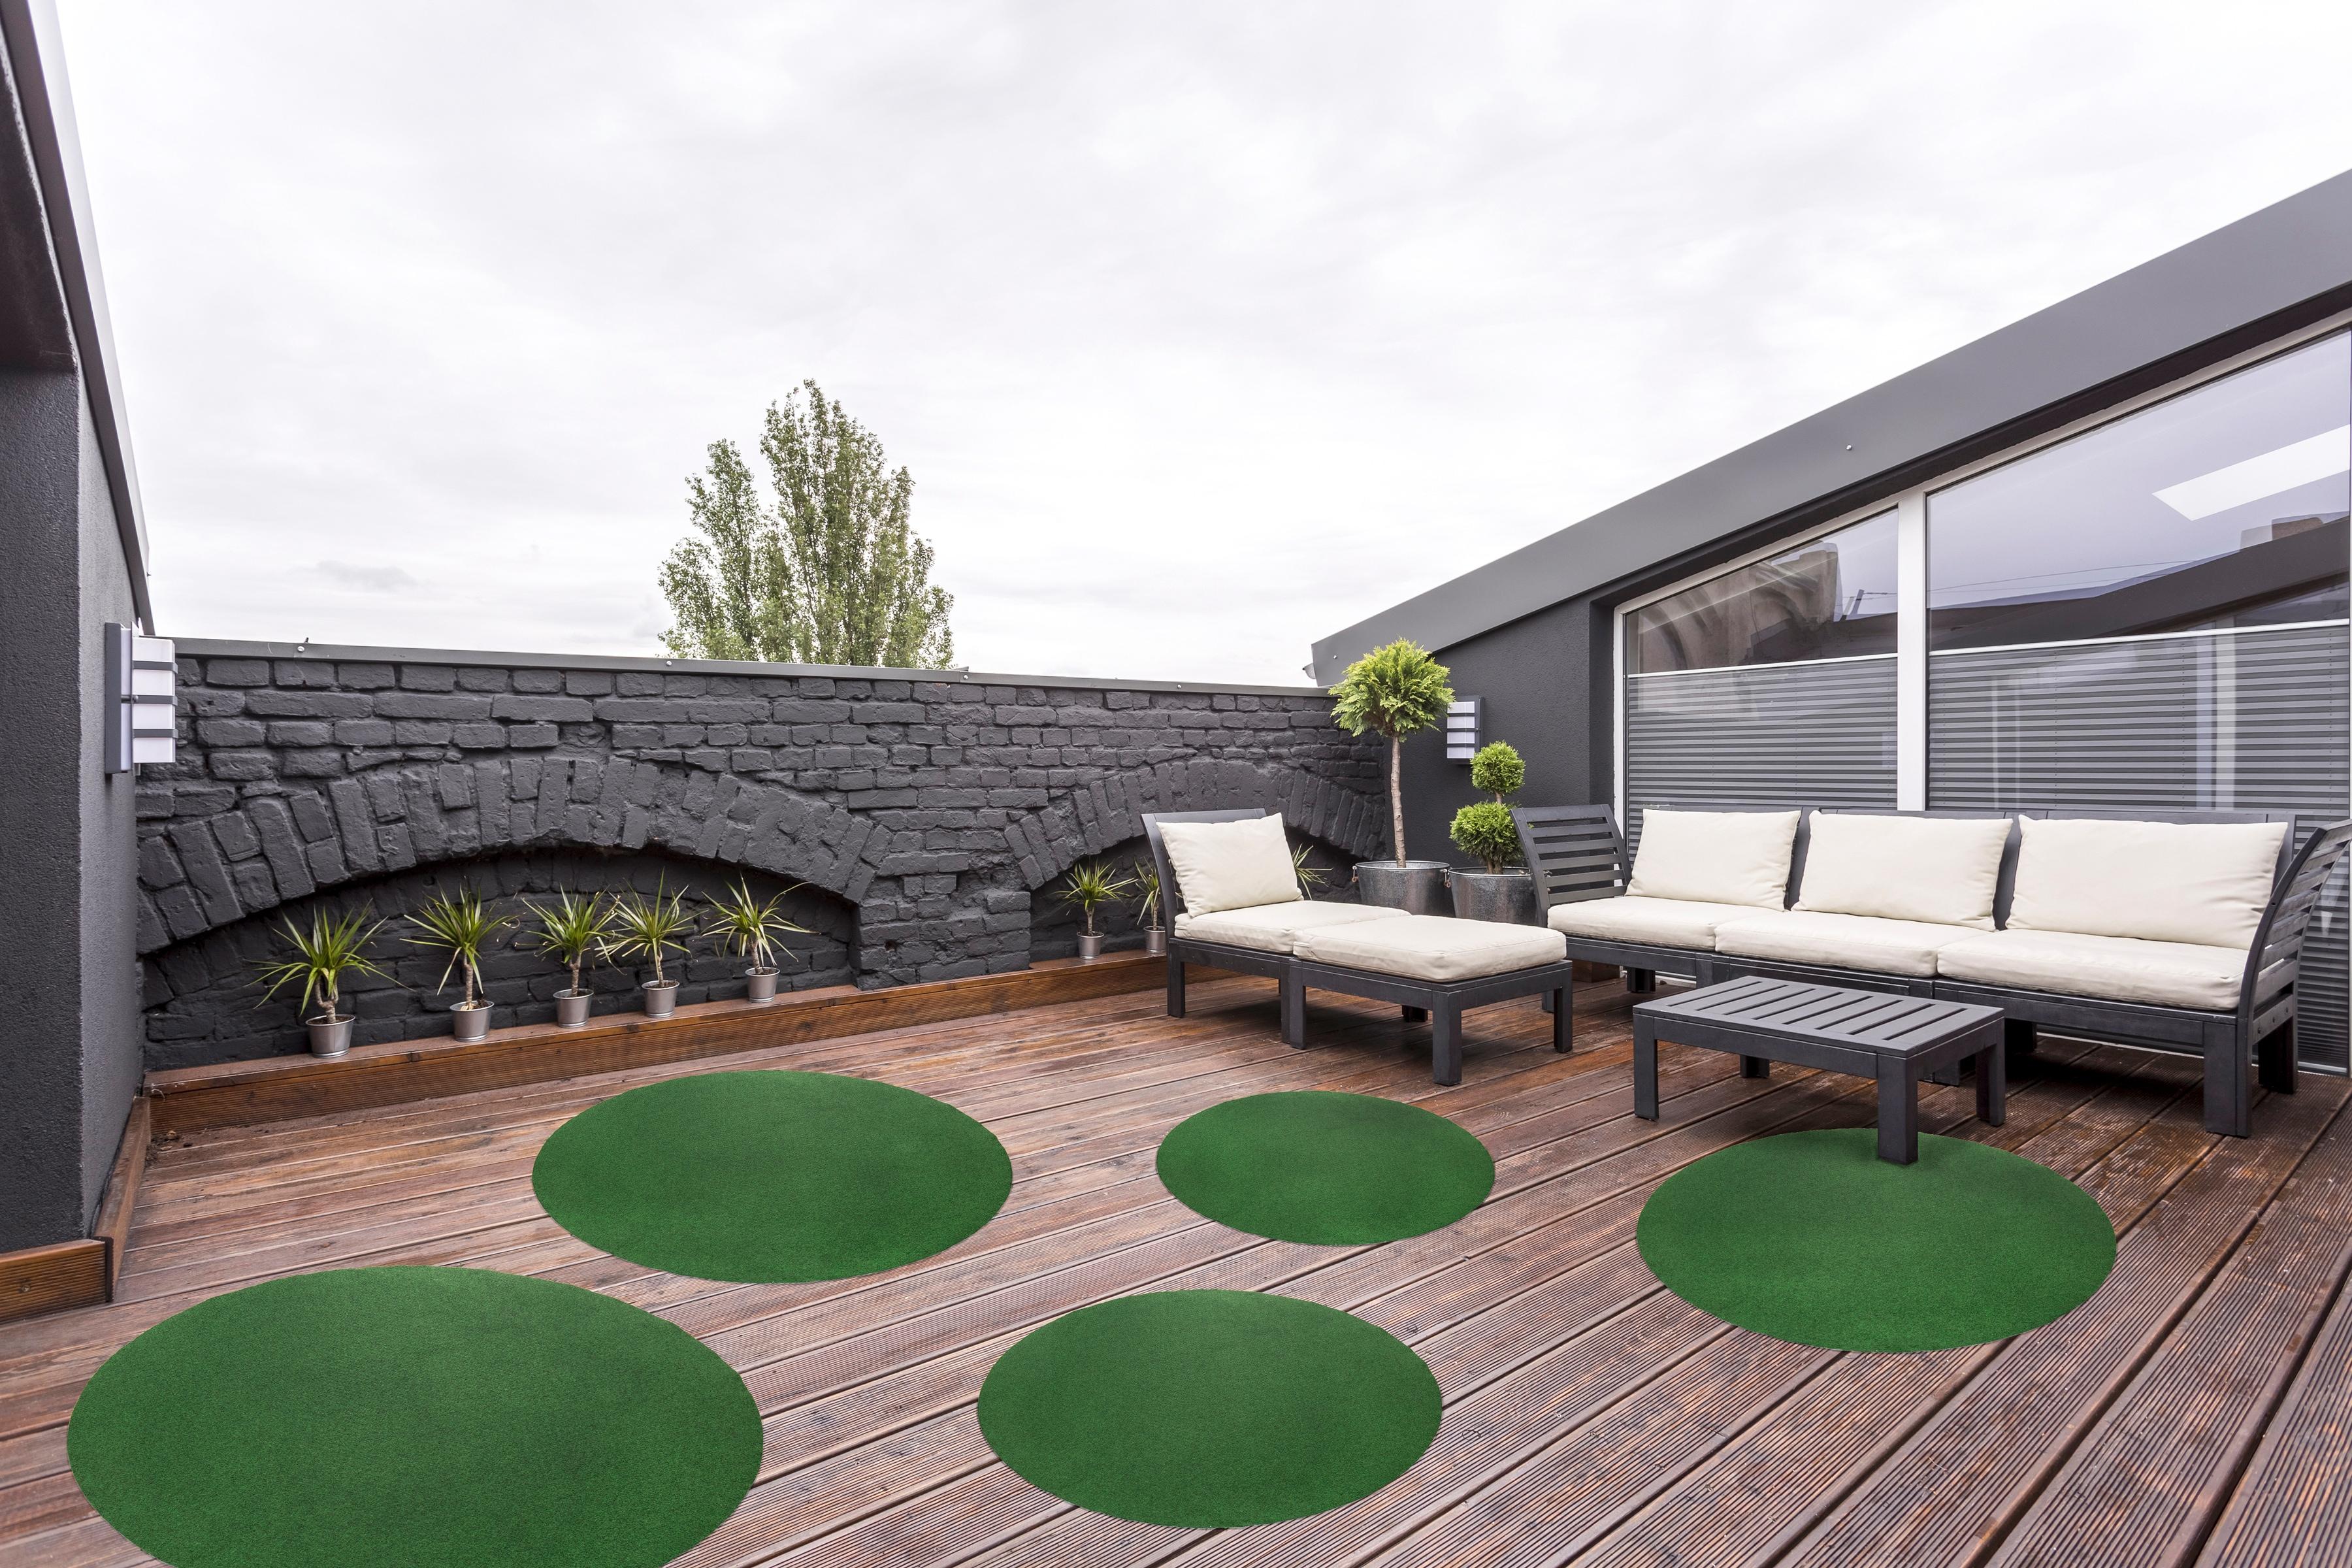 Andiamo Rasenteppich Kunstrasen Field, rund, 4 mm Höhe grün Outdoor-Teppiche Teppiche